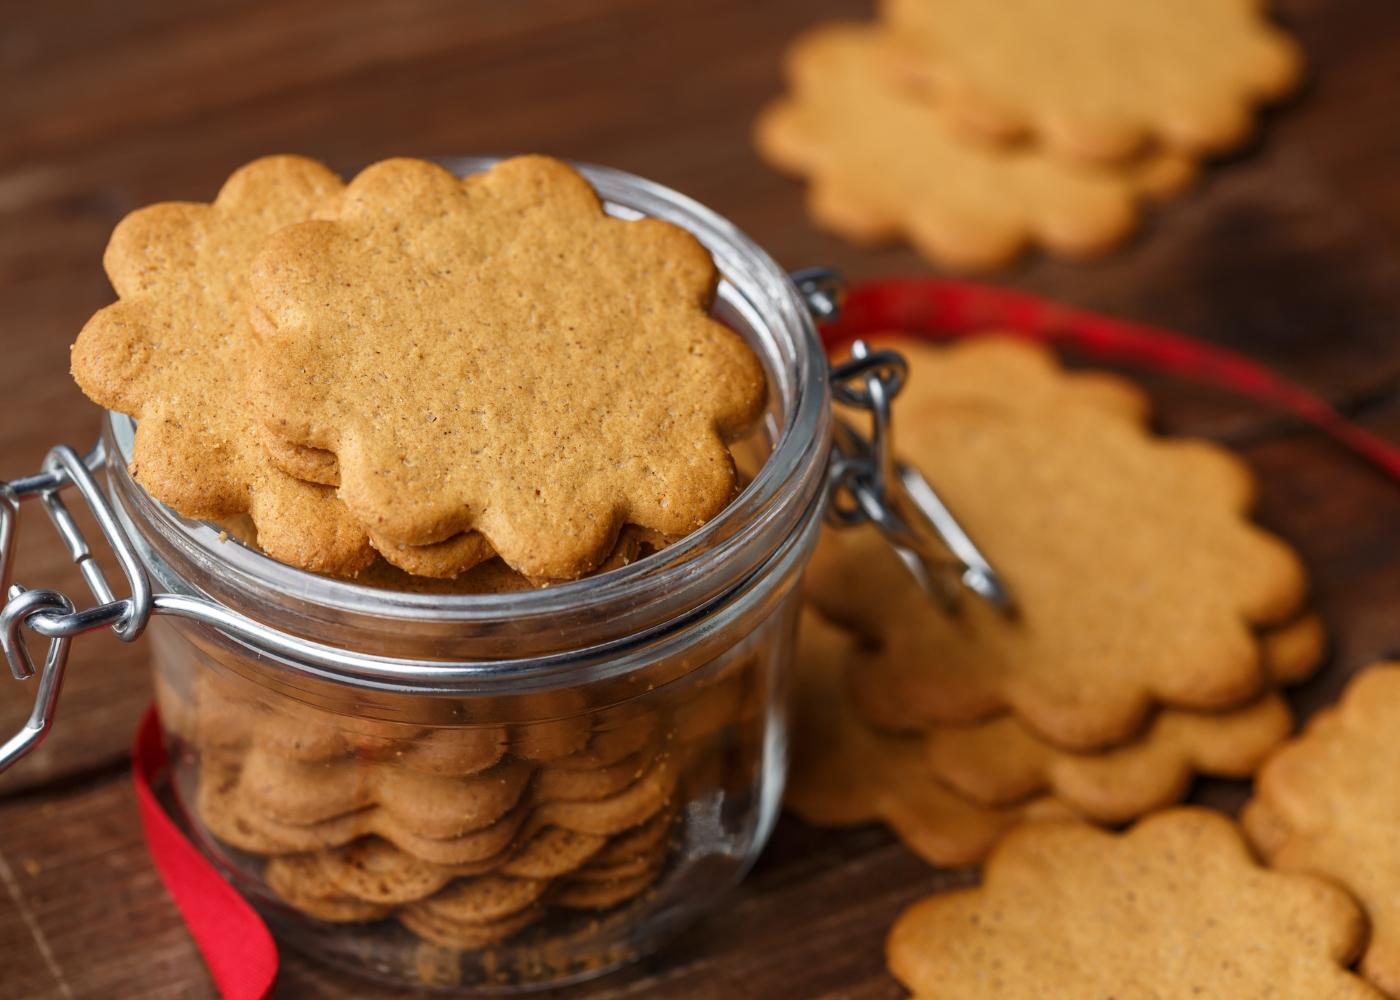 receita de biscoitos de azeite. mel e limão sem glúten